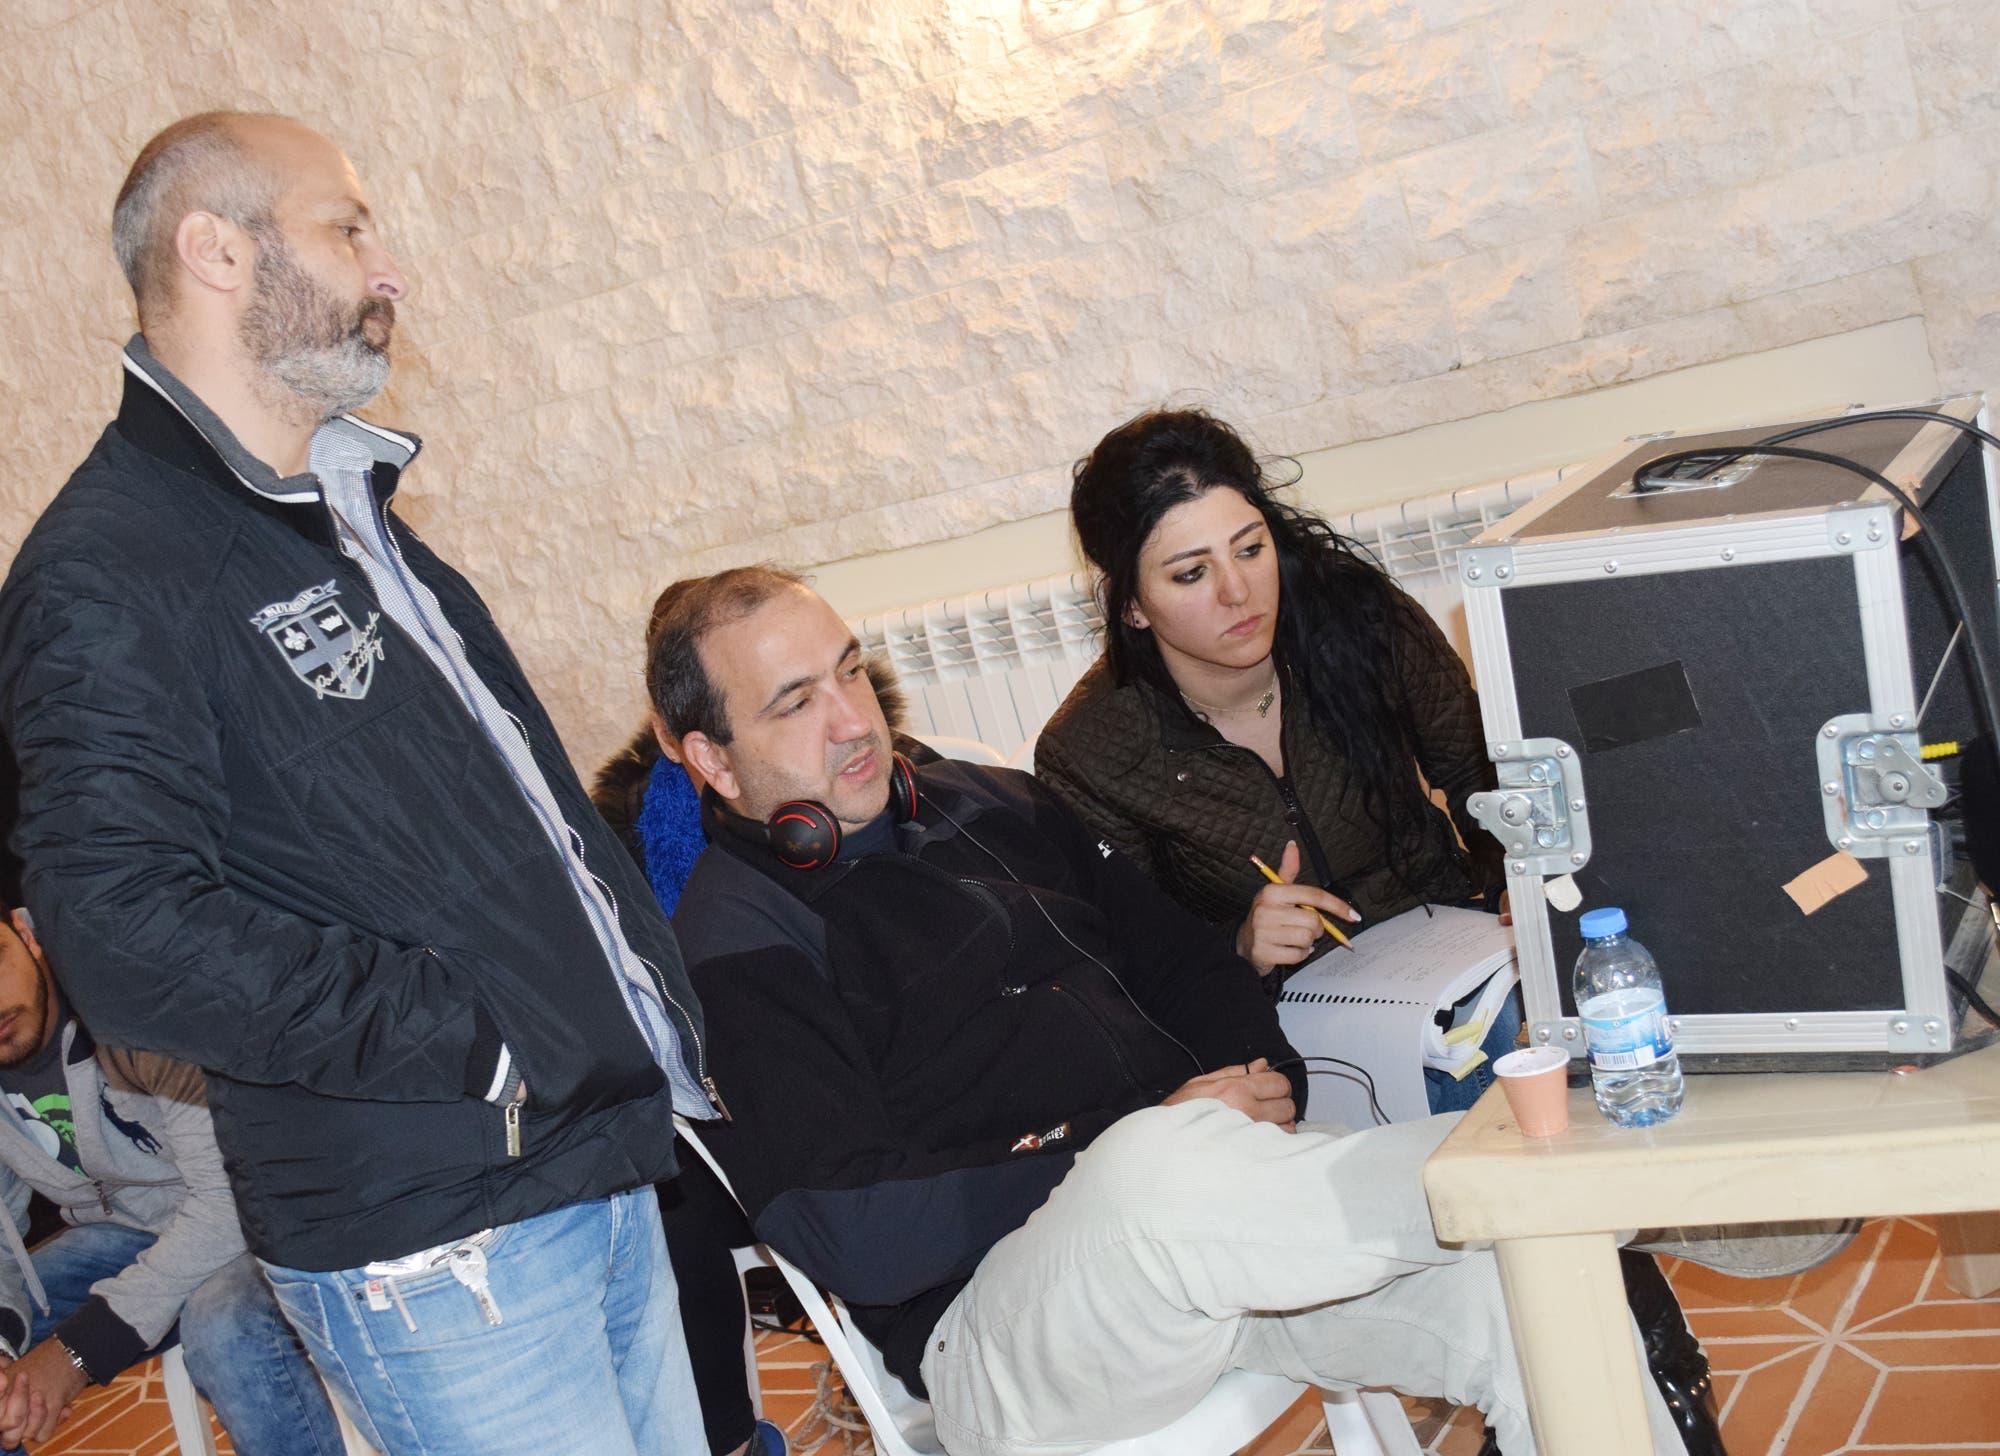 المخرج شارل شلالا وفريق التصوير